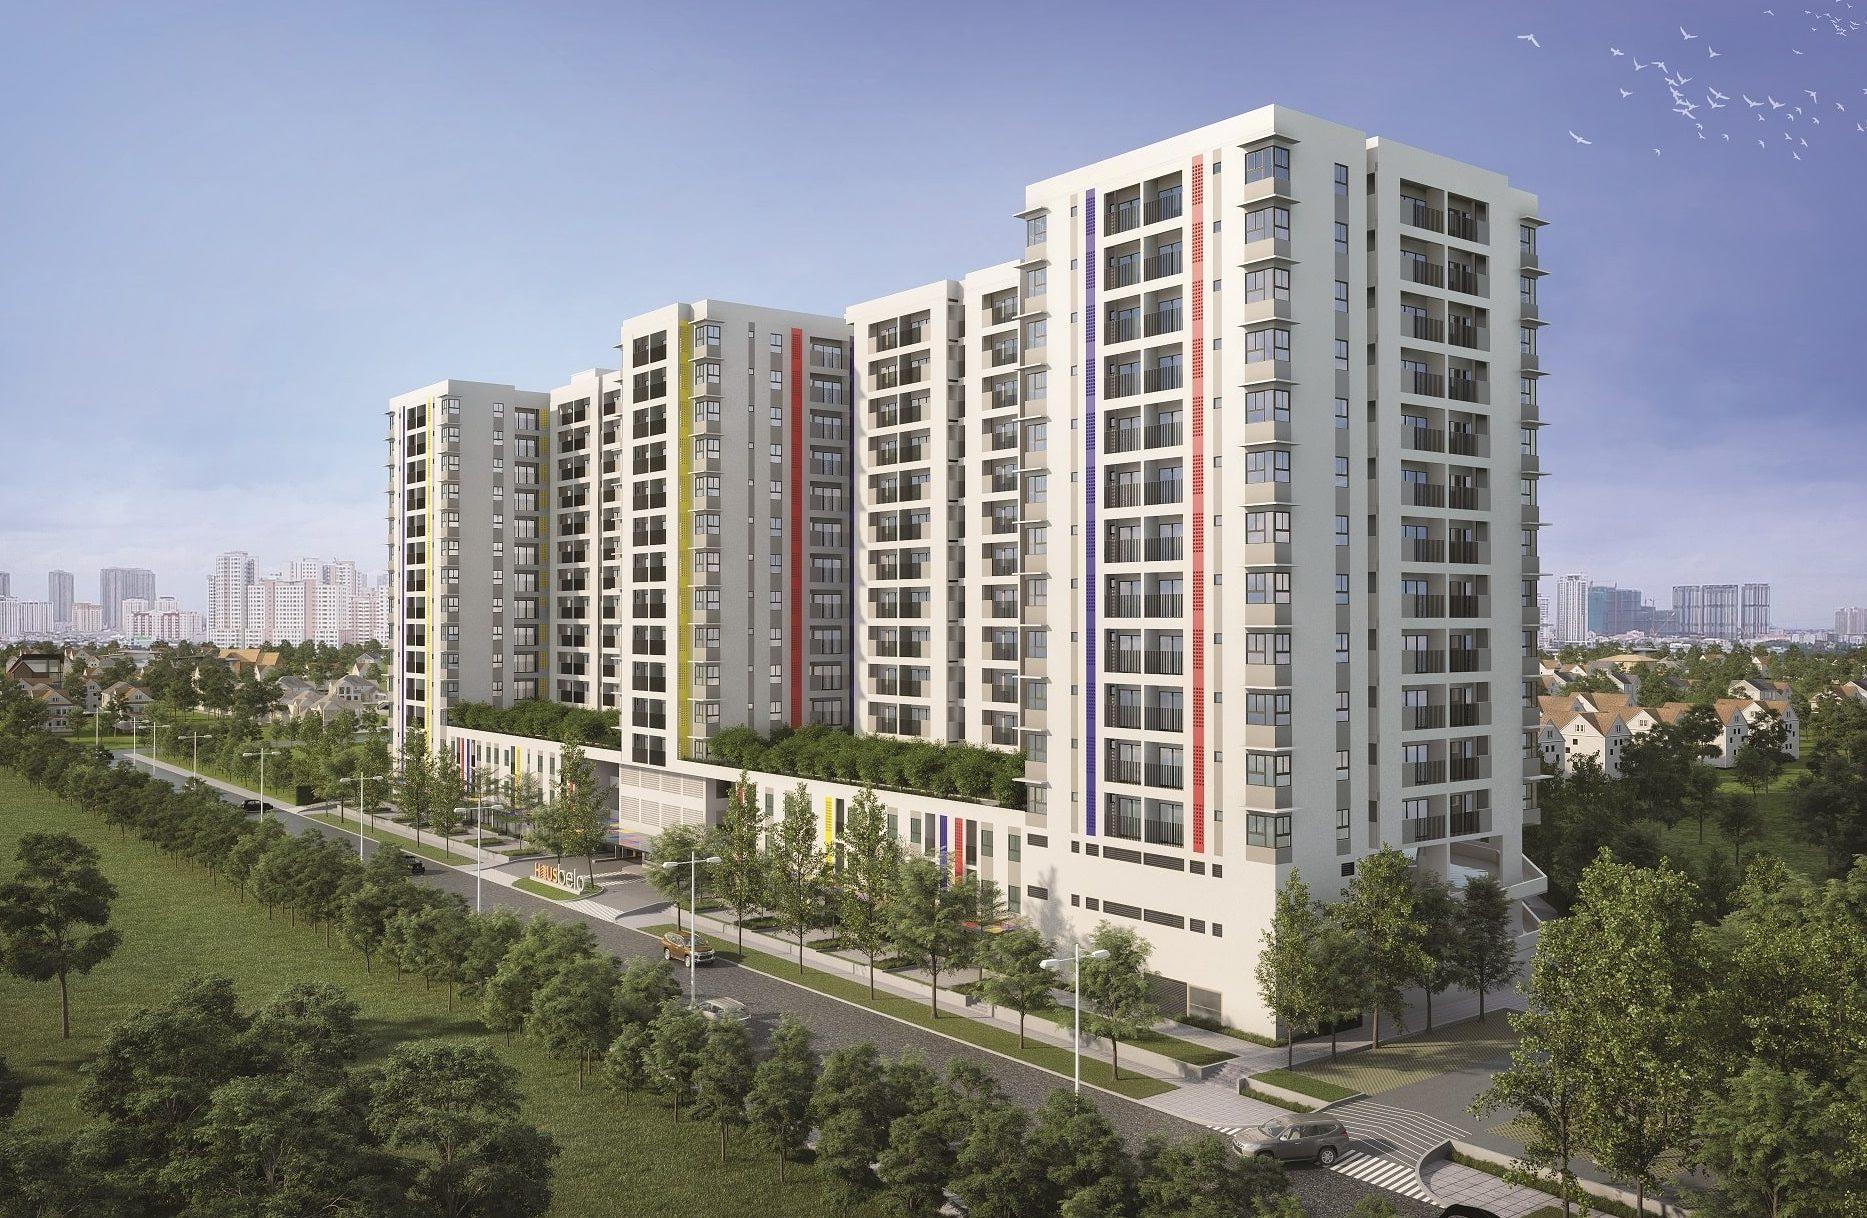 dự án căn hộ Hausvivi lò lu quận 9